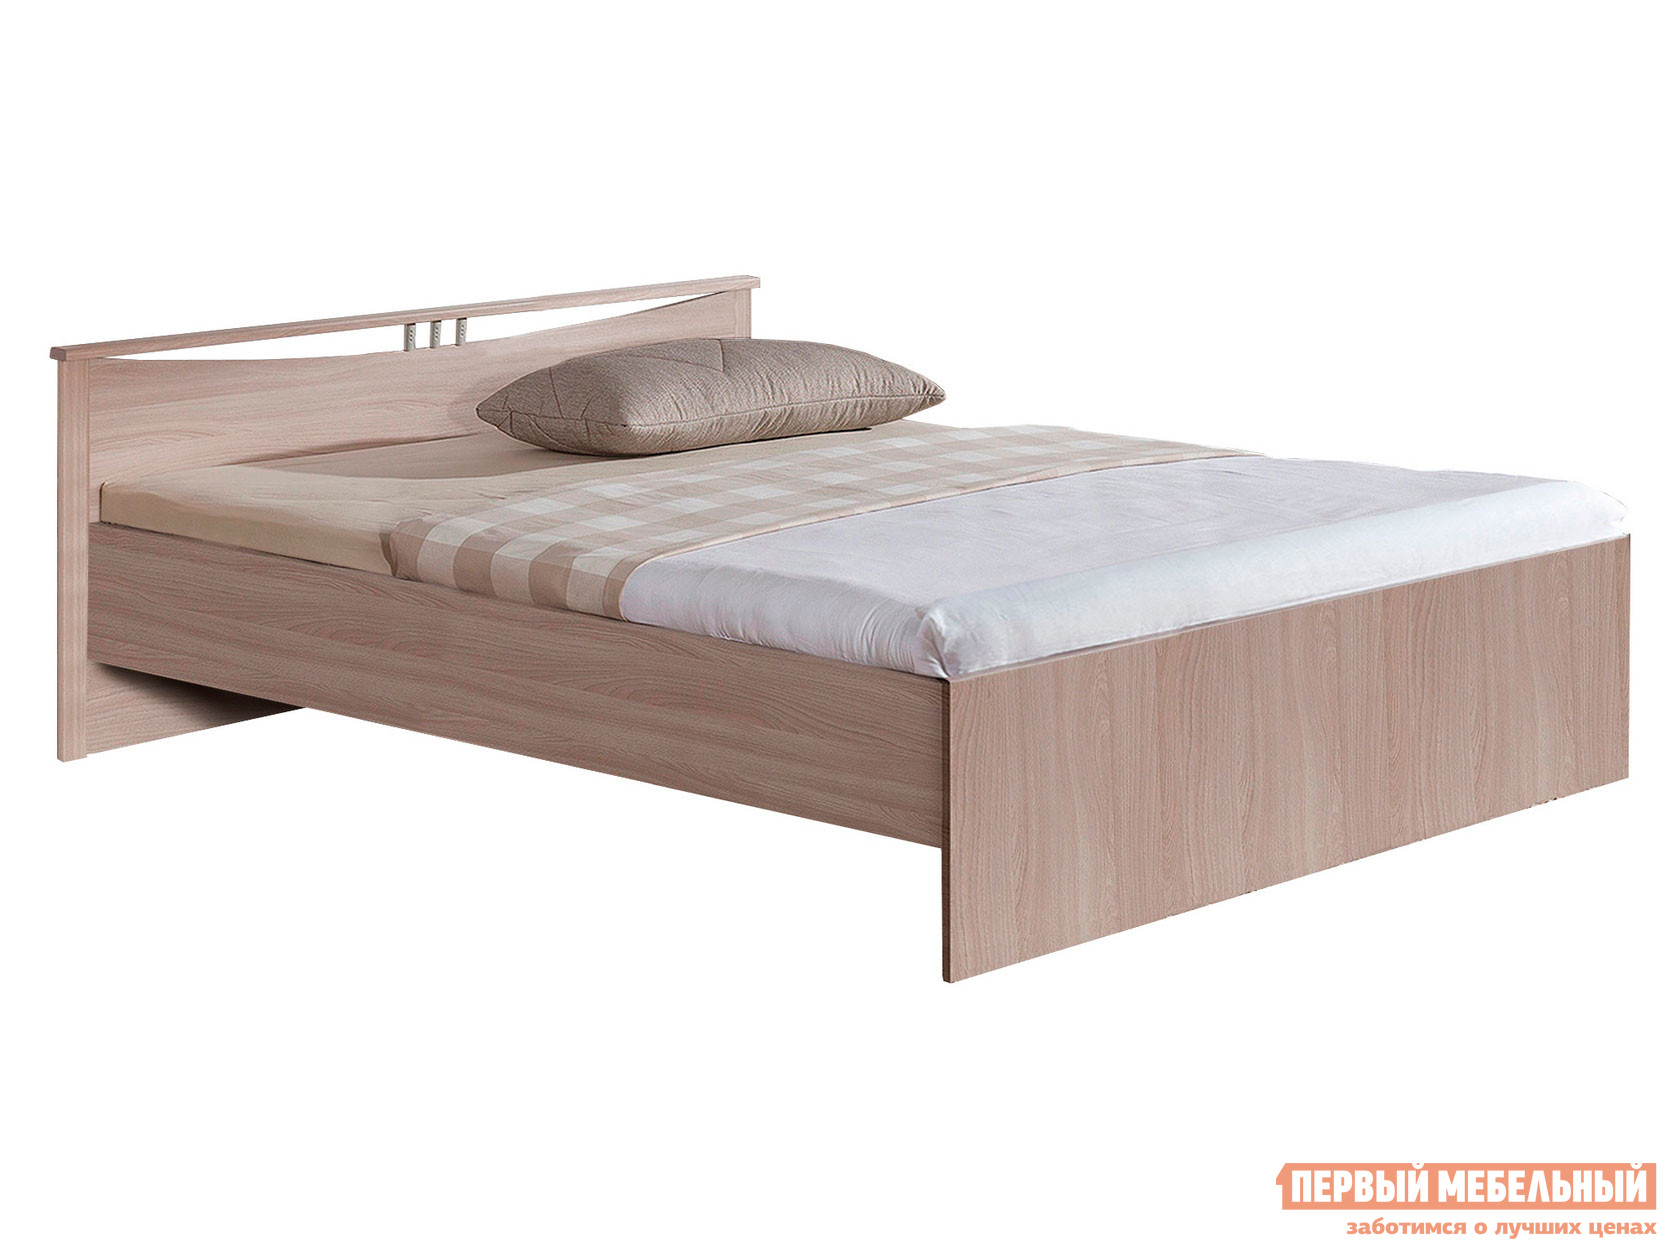 Односпальная кровать  Кровать Мелисса Шимо светлый, 1200 Х 2000 мм — Кровать Мелисса Шимо светлый, 1200 Х 2000 мм